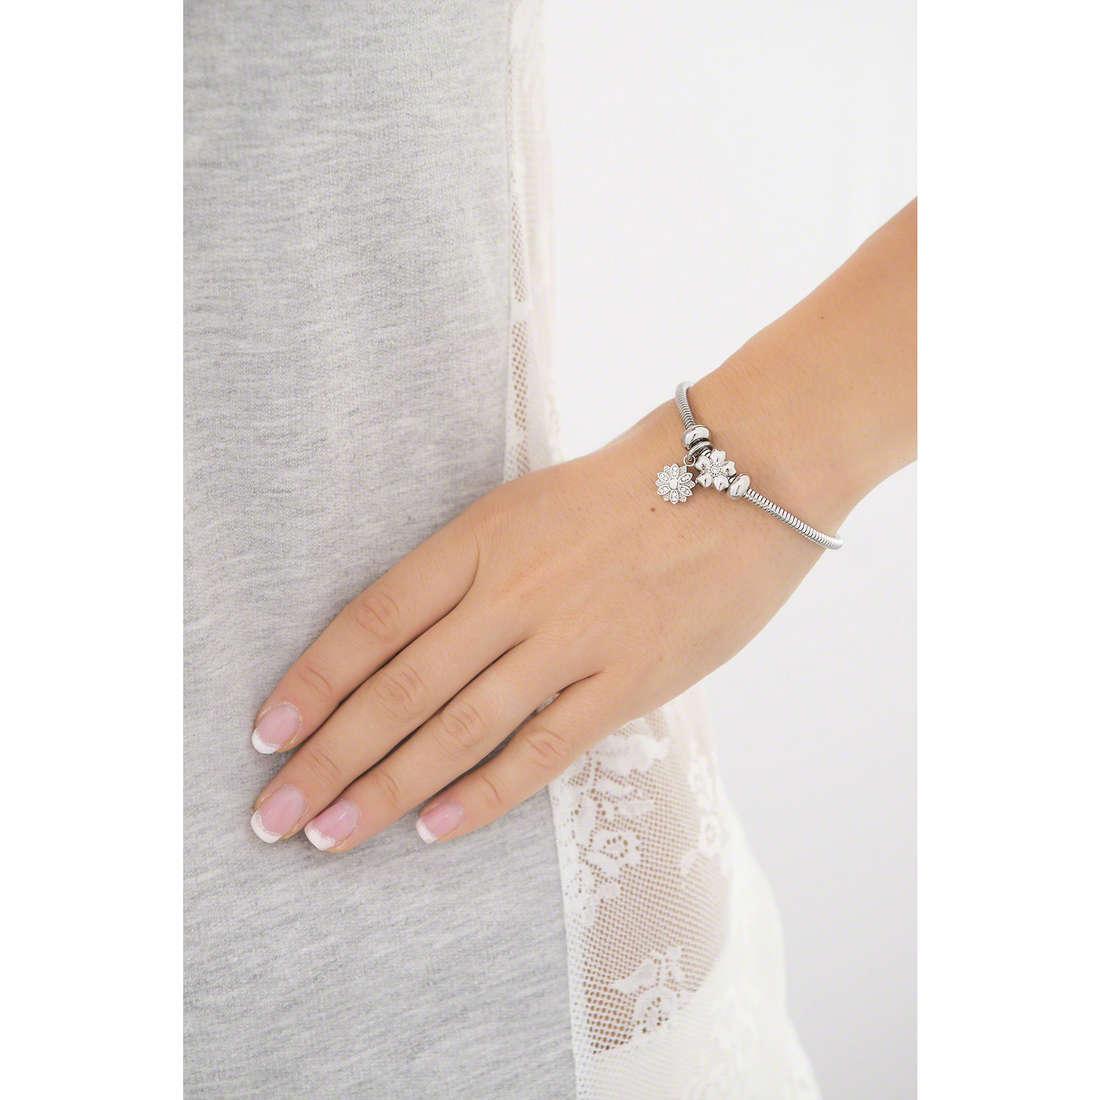 Morellato bracciali Drops donna SCZ725 indosso